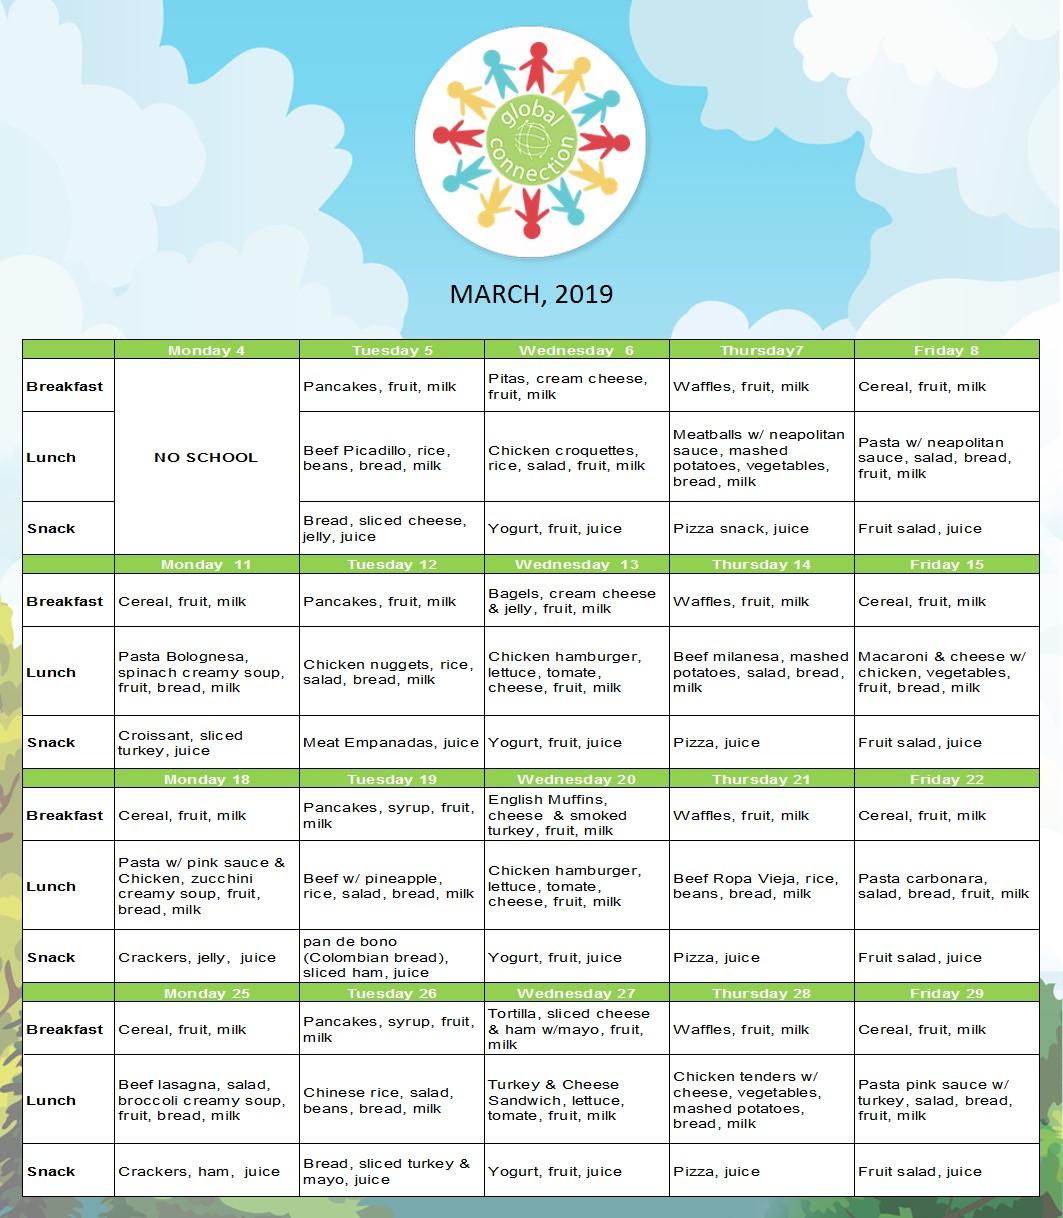 menu-mar-2019-gcp.jpg